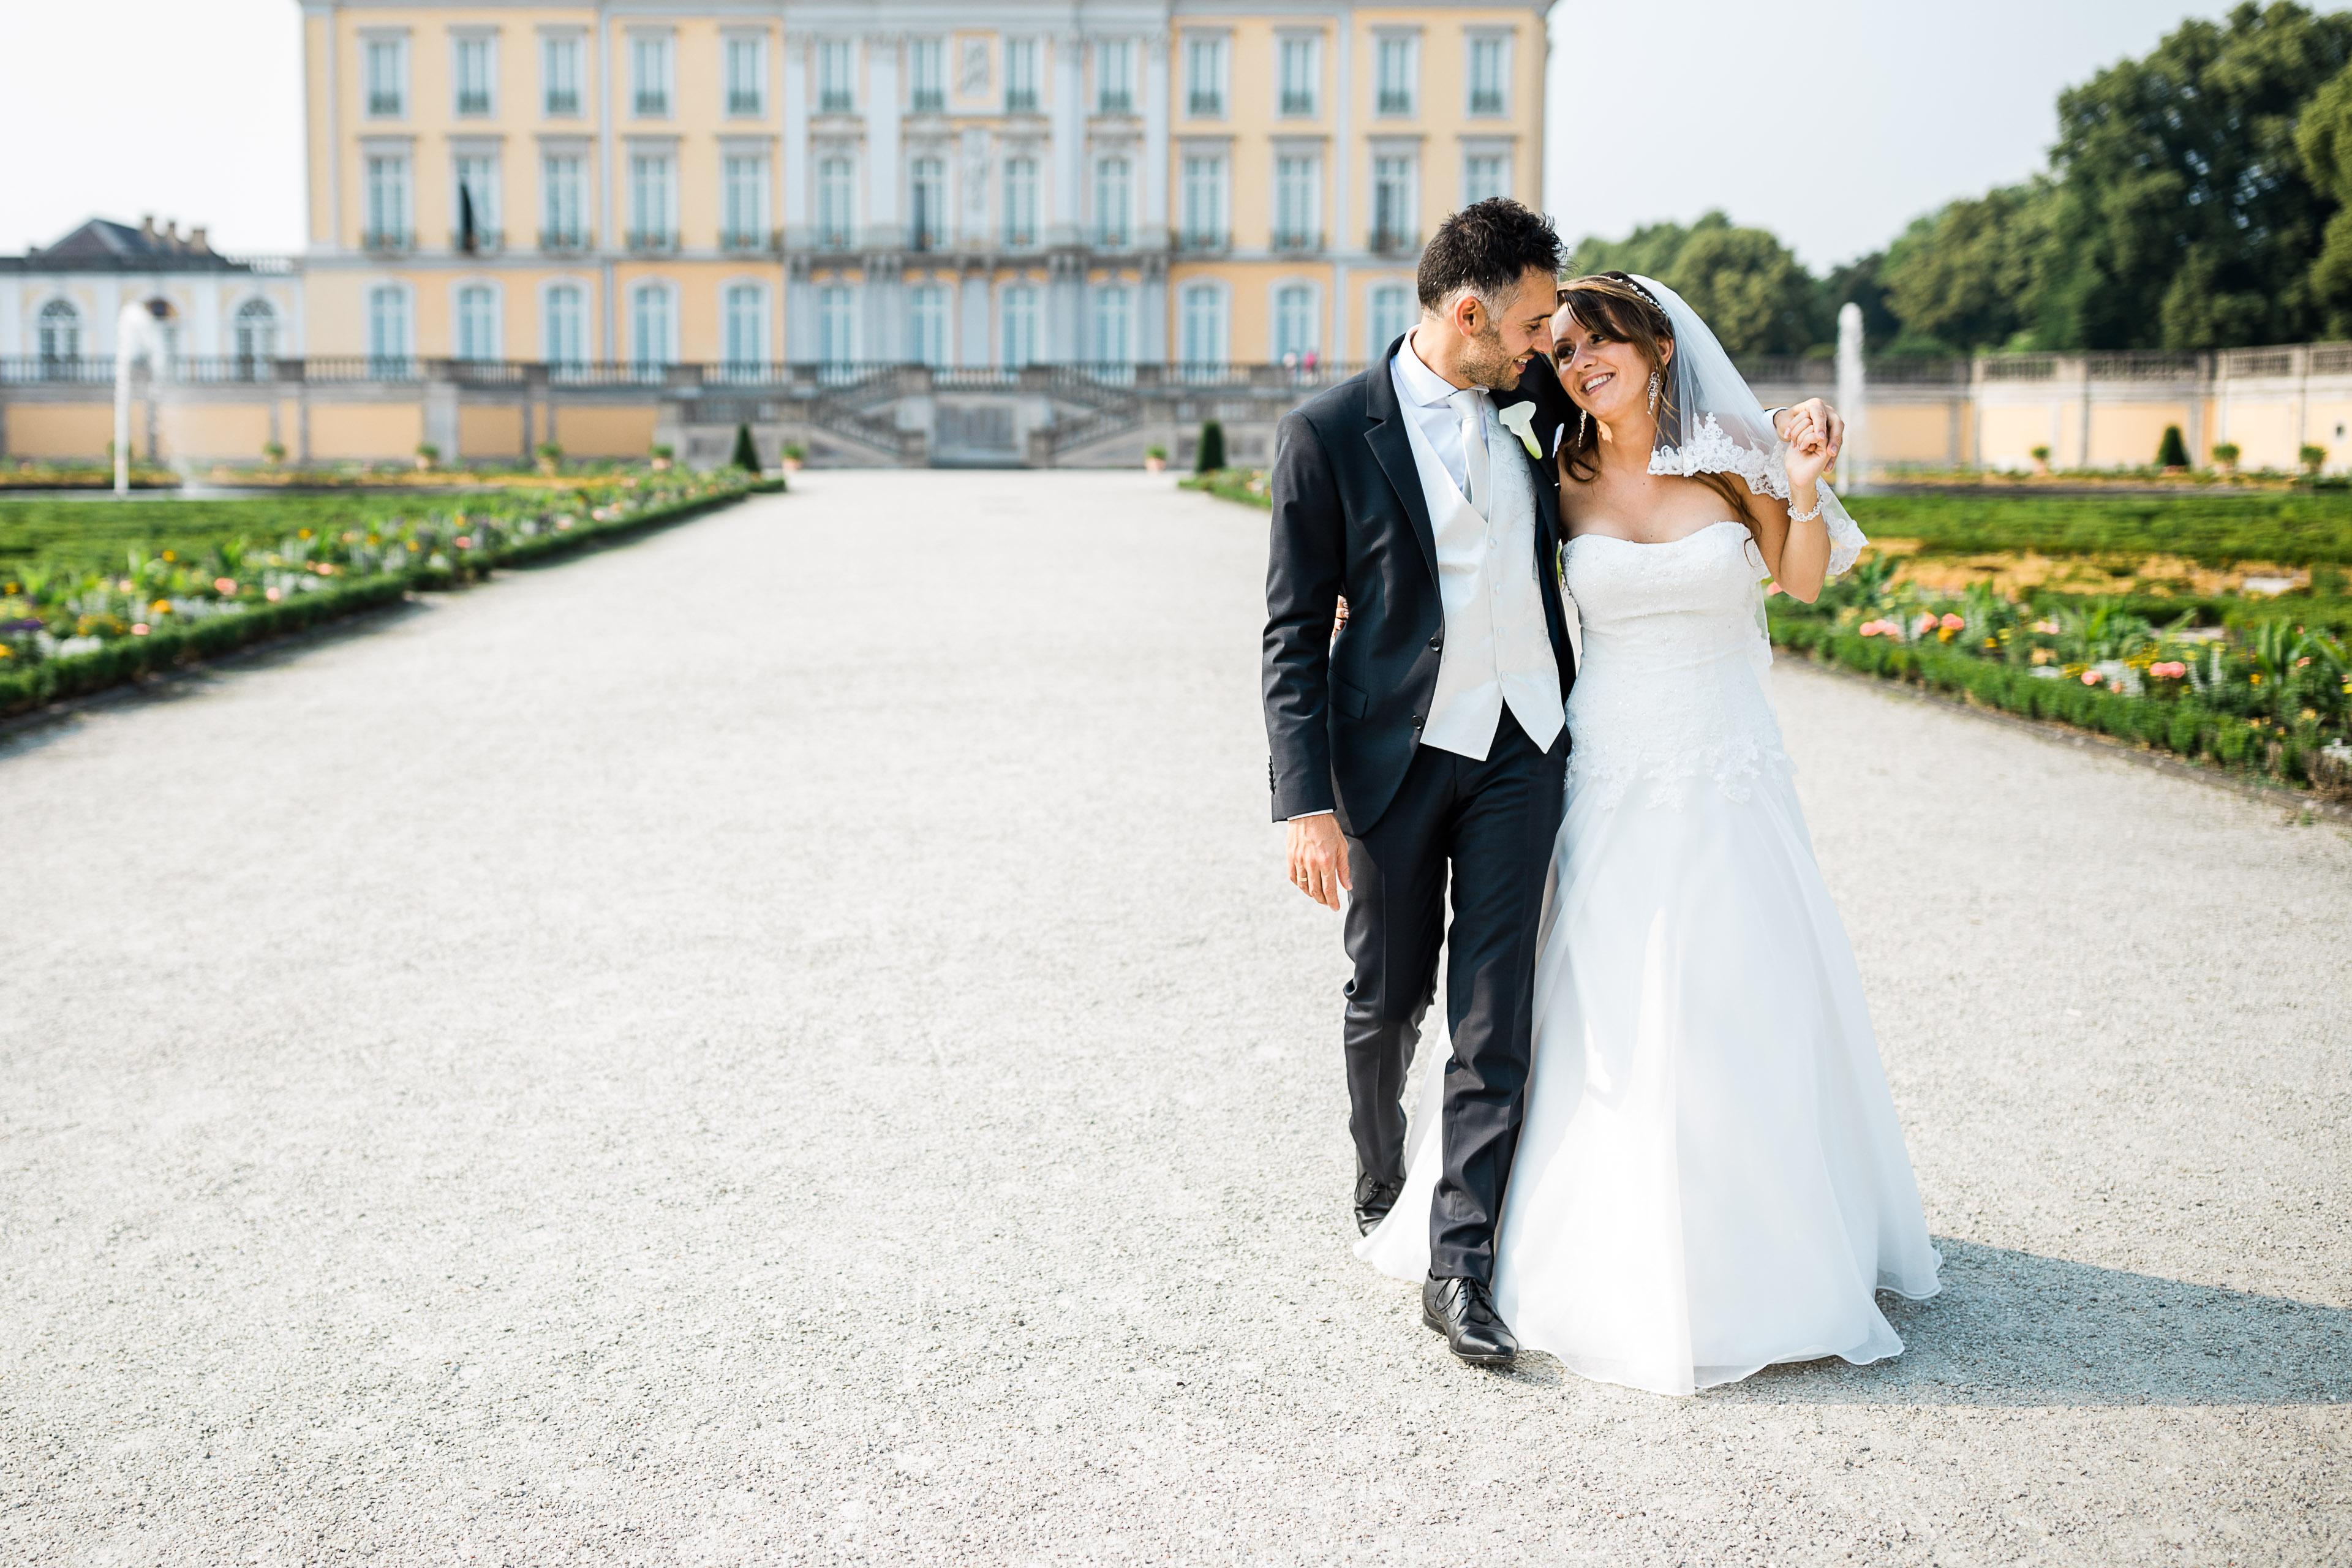 fotograf hochzeit heiraten schloss augustusburg kaiserbahnhof schloss brühl